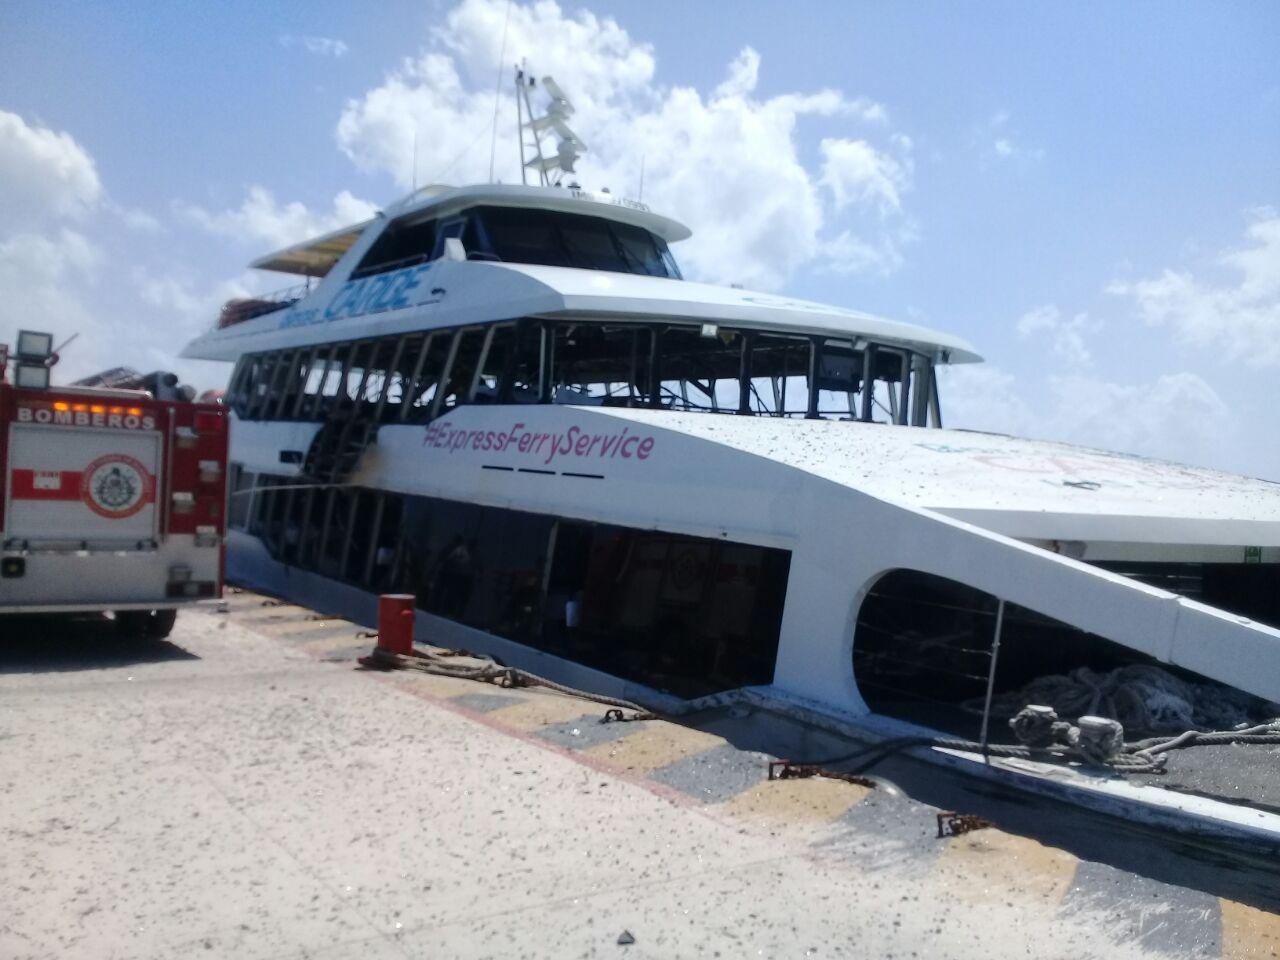 Supuesto cártel se adjudica explosión de ferry en Playa del Carmen